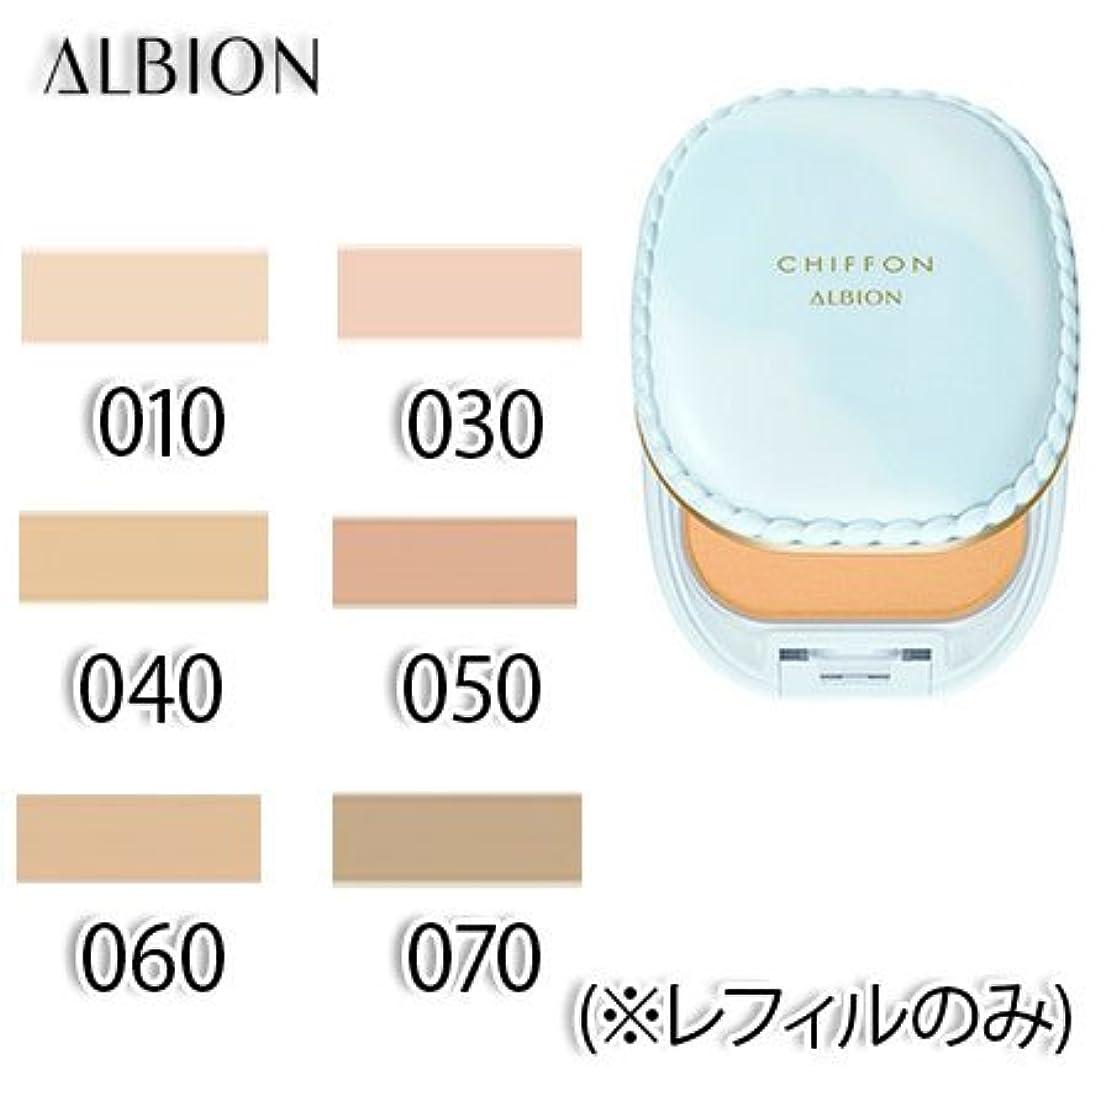 製油所強化コーナーアルビオン スノー ホワイト シフォン 全6色 SPF25?PA++ 10g (レフィルのみ) -ALBION- 070